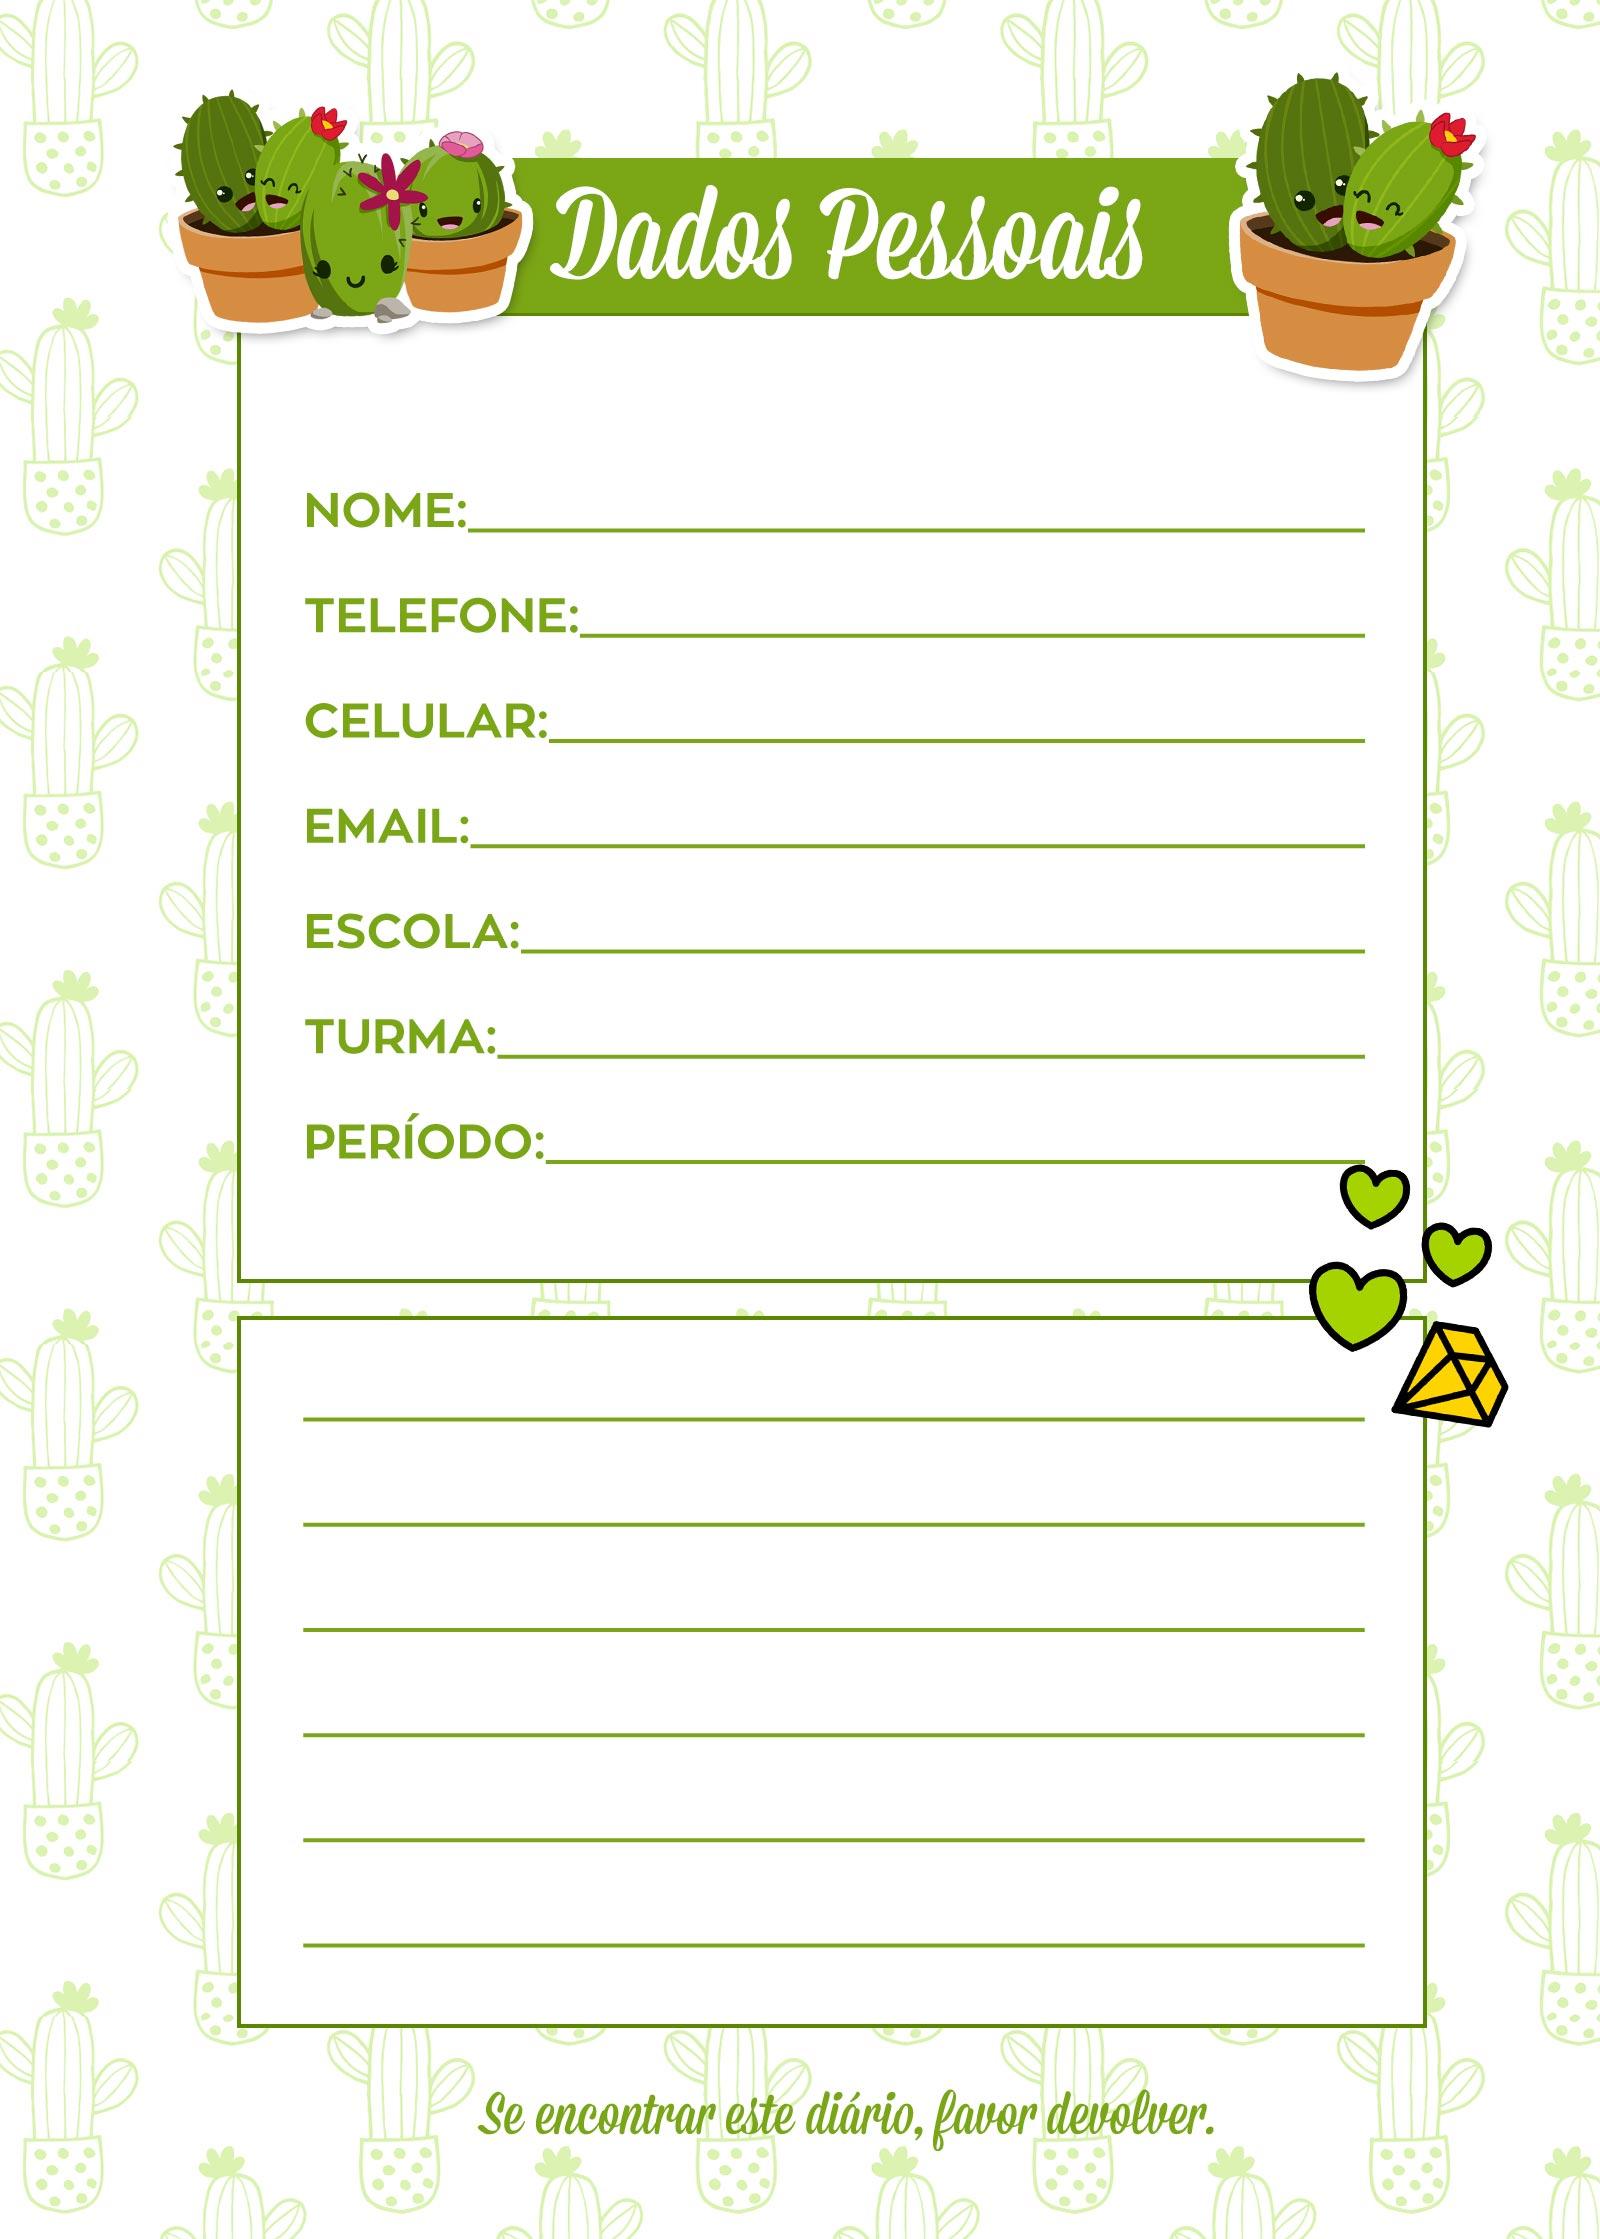 Caderno de Planejamento para Professores Dados Pessoais Cactos